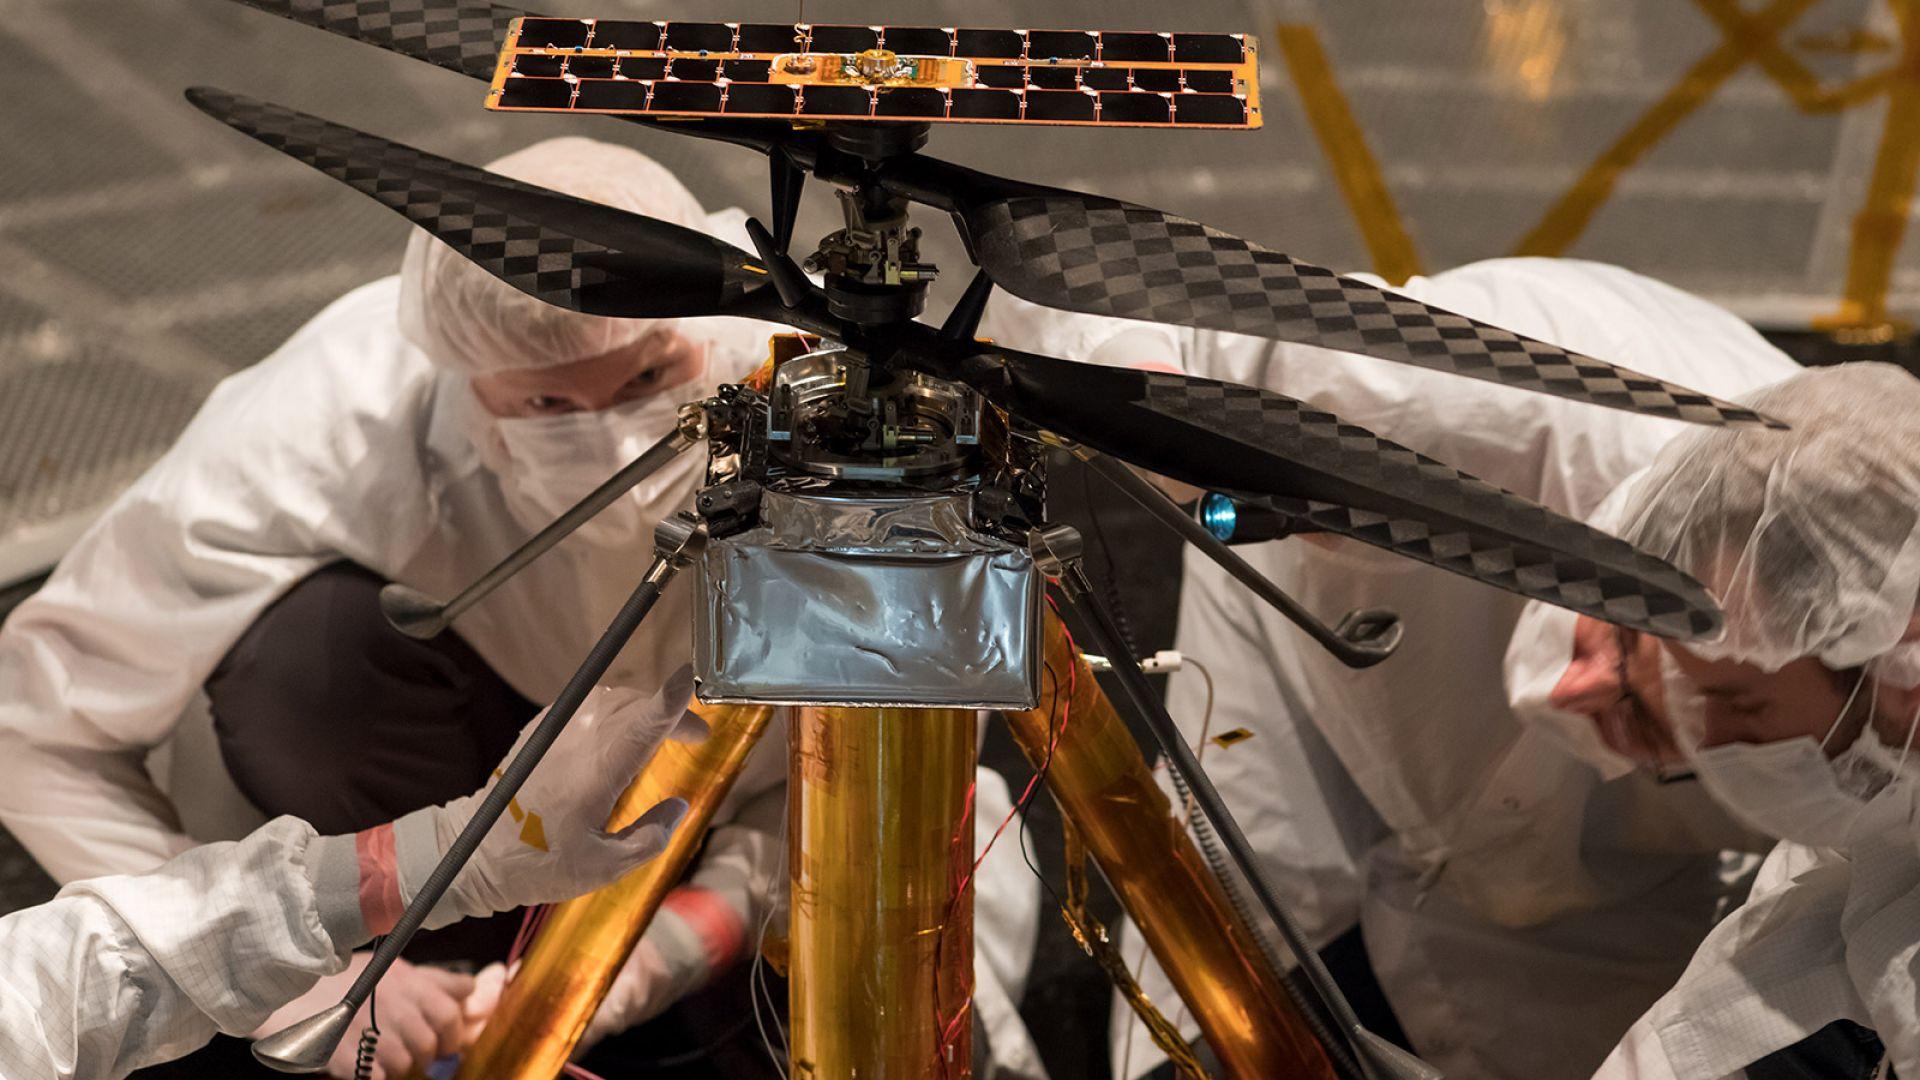 НАСА показа Марсокоптера, полетът за историята е съпоставим с този на братя Райт